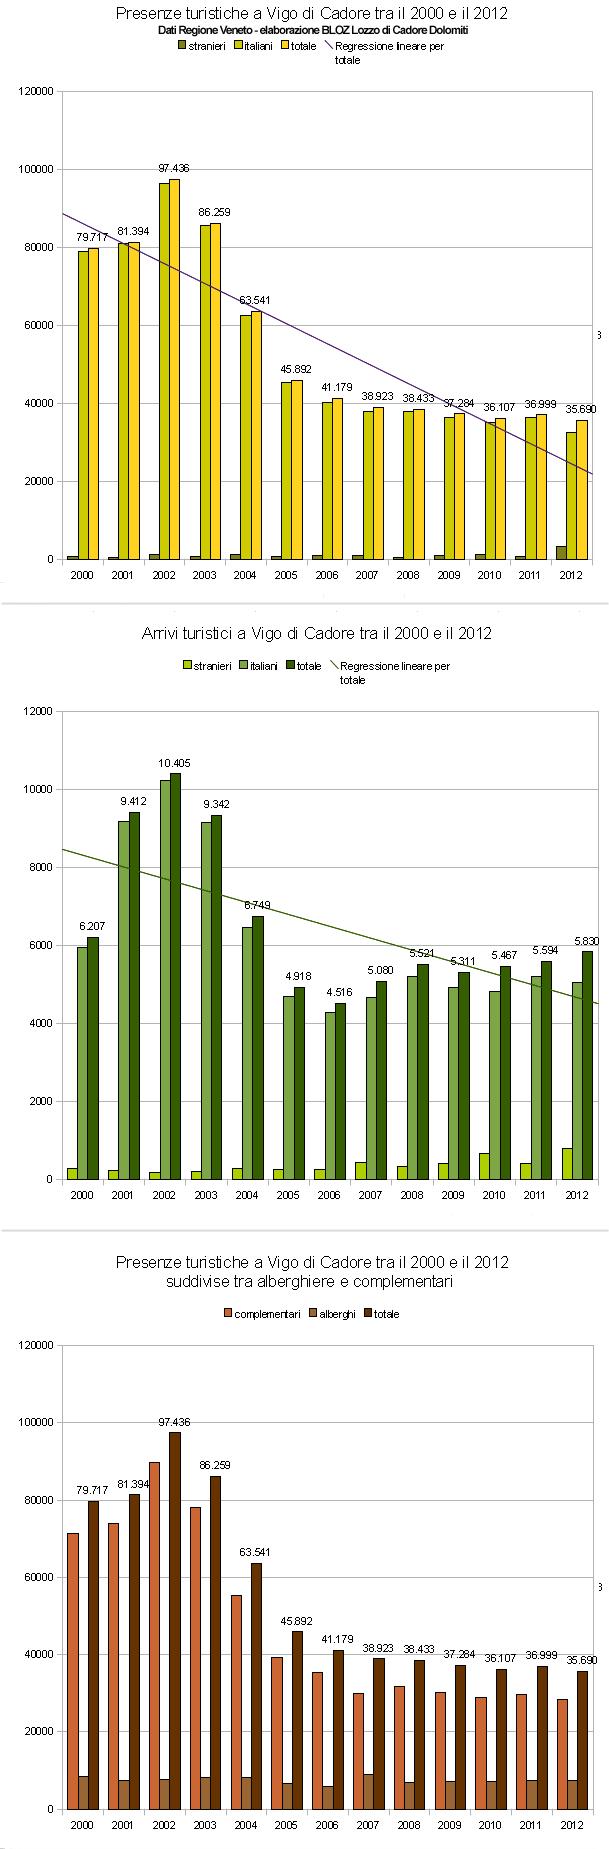 Andamento arrivi e presenze turistiche a Vigo di Cadore tra il 2000 e il 2012